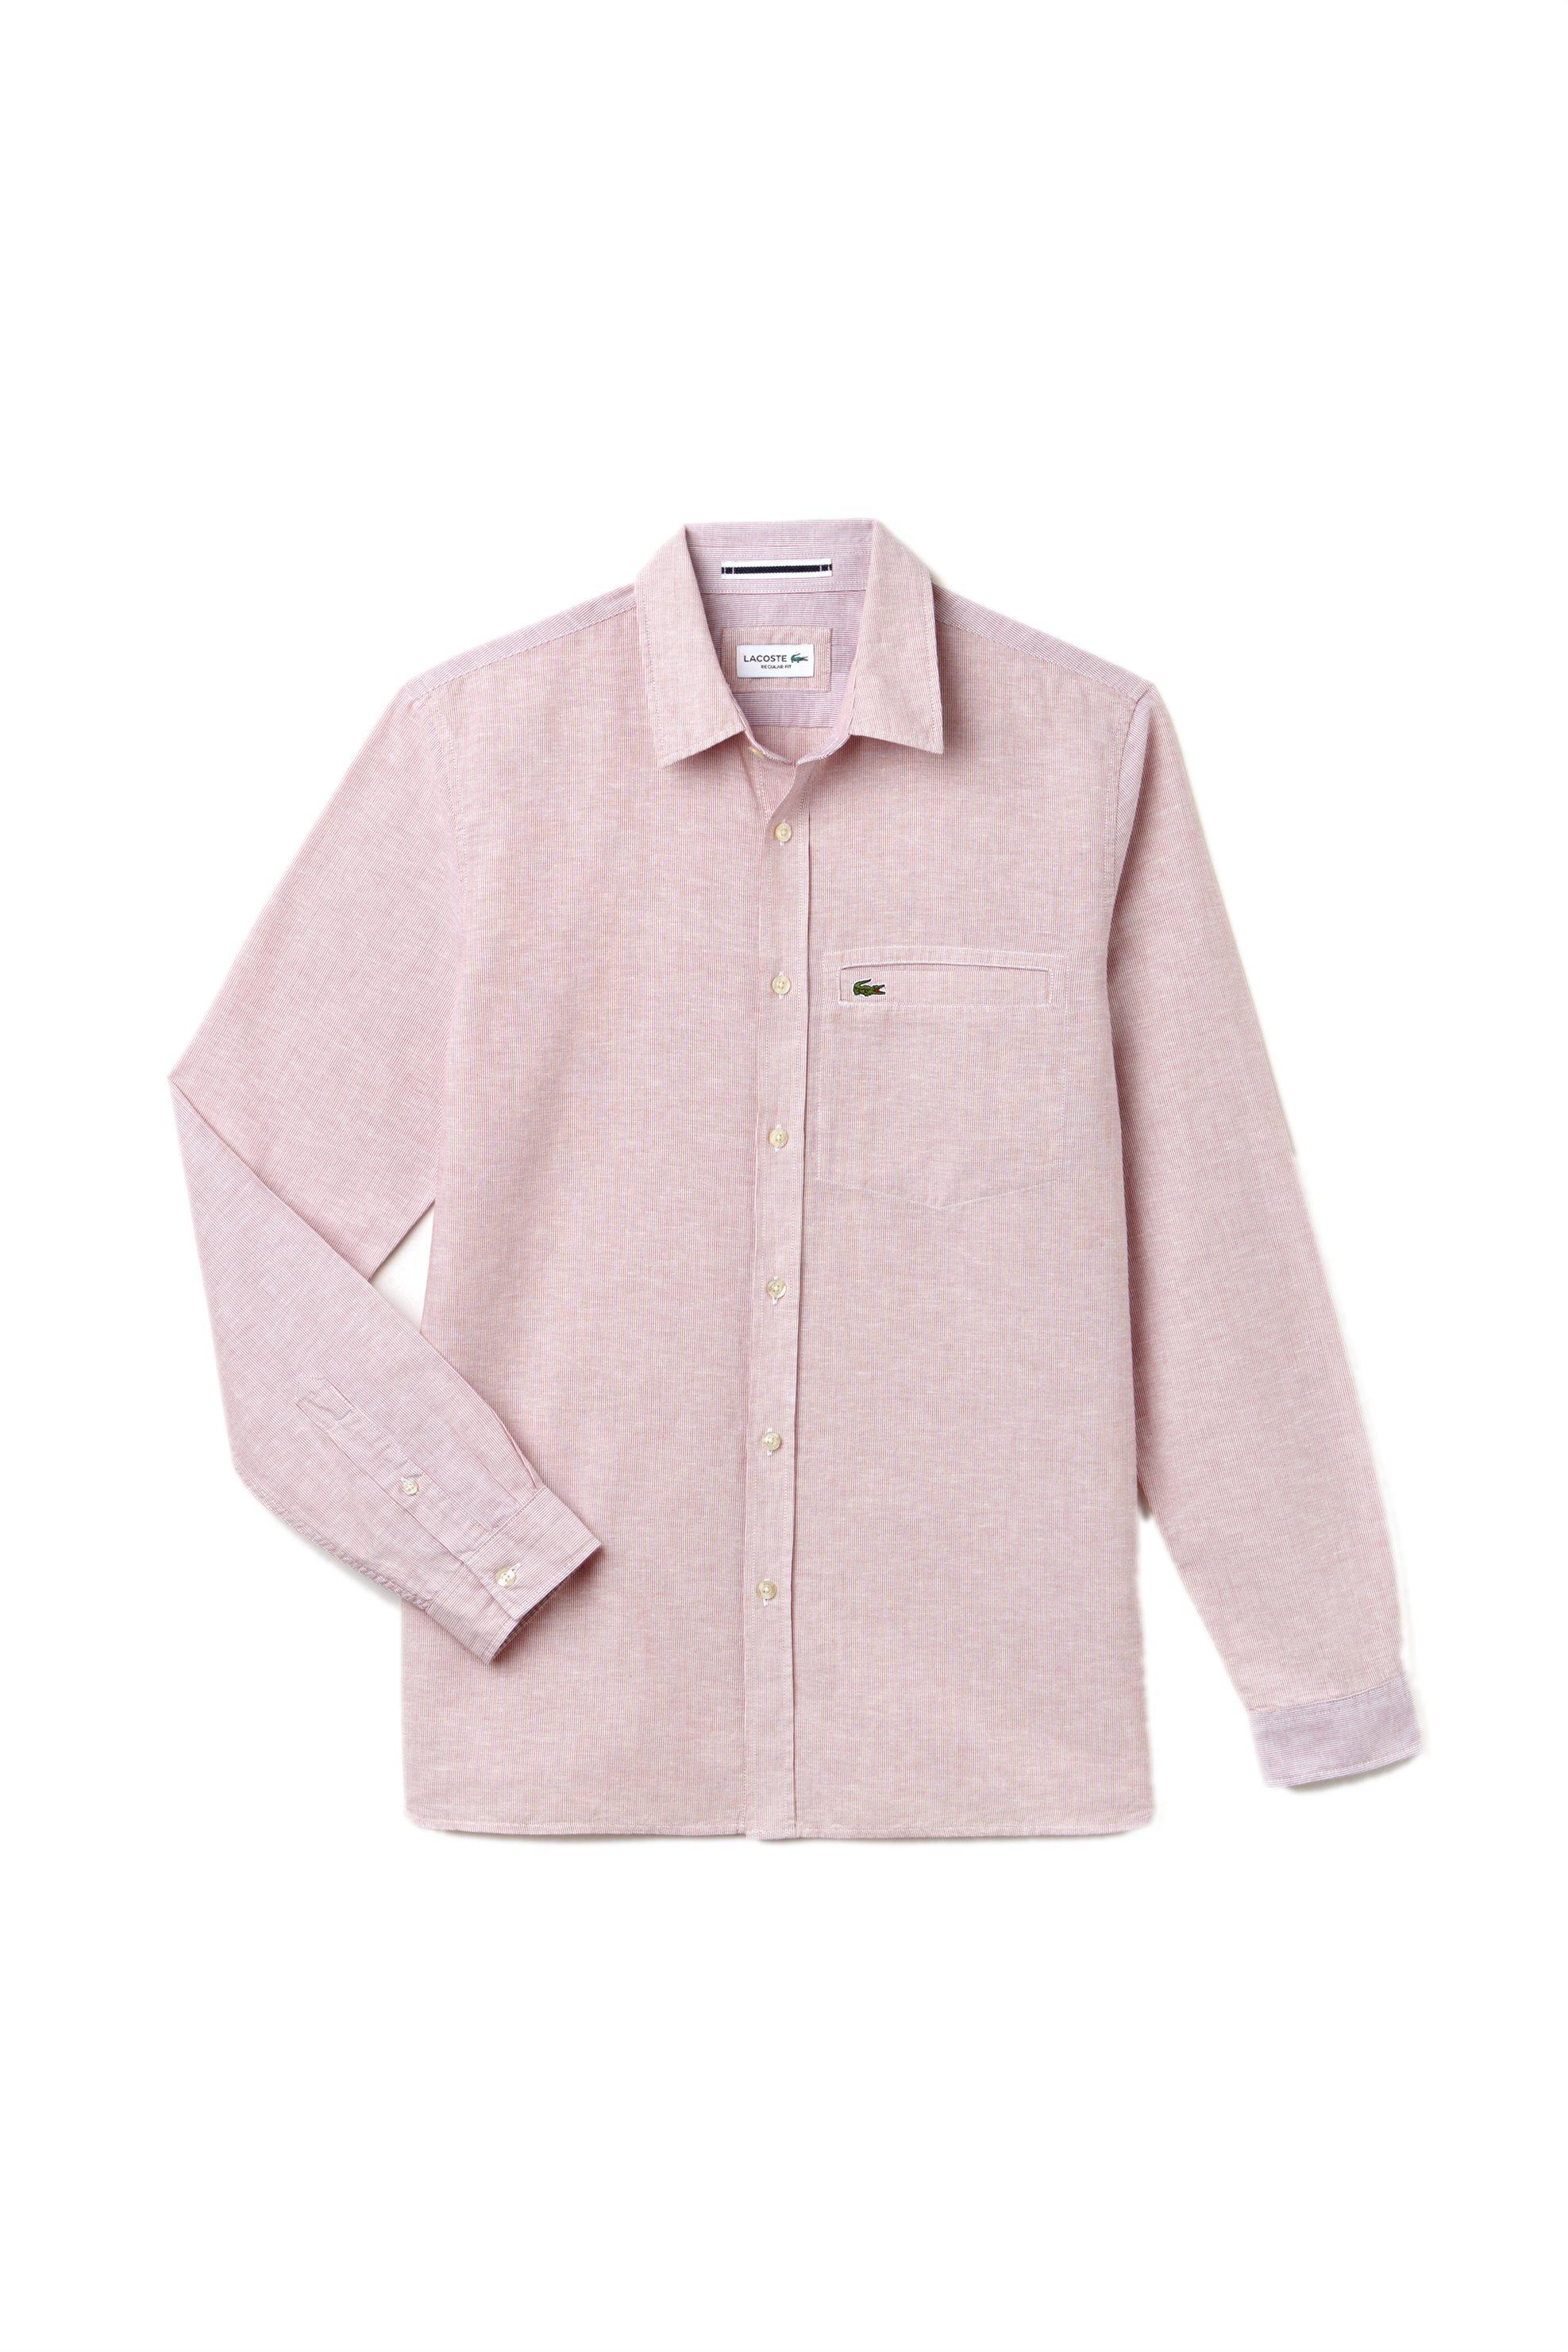 Ανδρικό ριγέ πουκάμισο Spring Bloom S/S 2018 Collection Lacoste - CH4999 - Κόκκι ανδρασ   ρουχα   πουκάμισα   casual